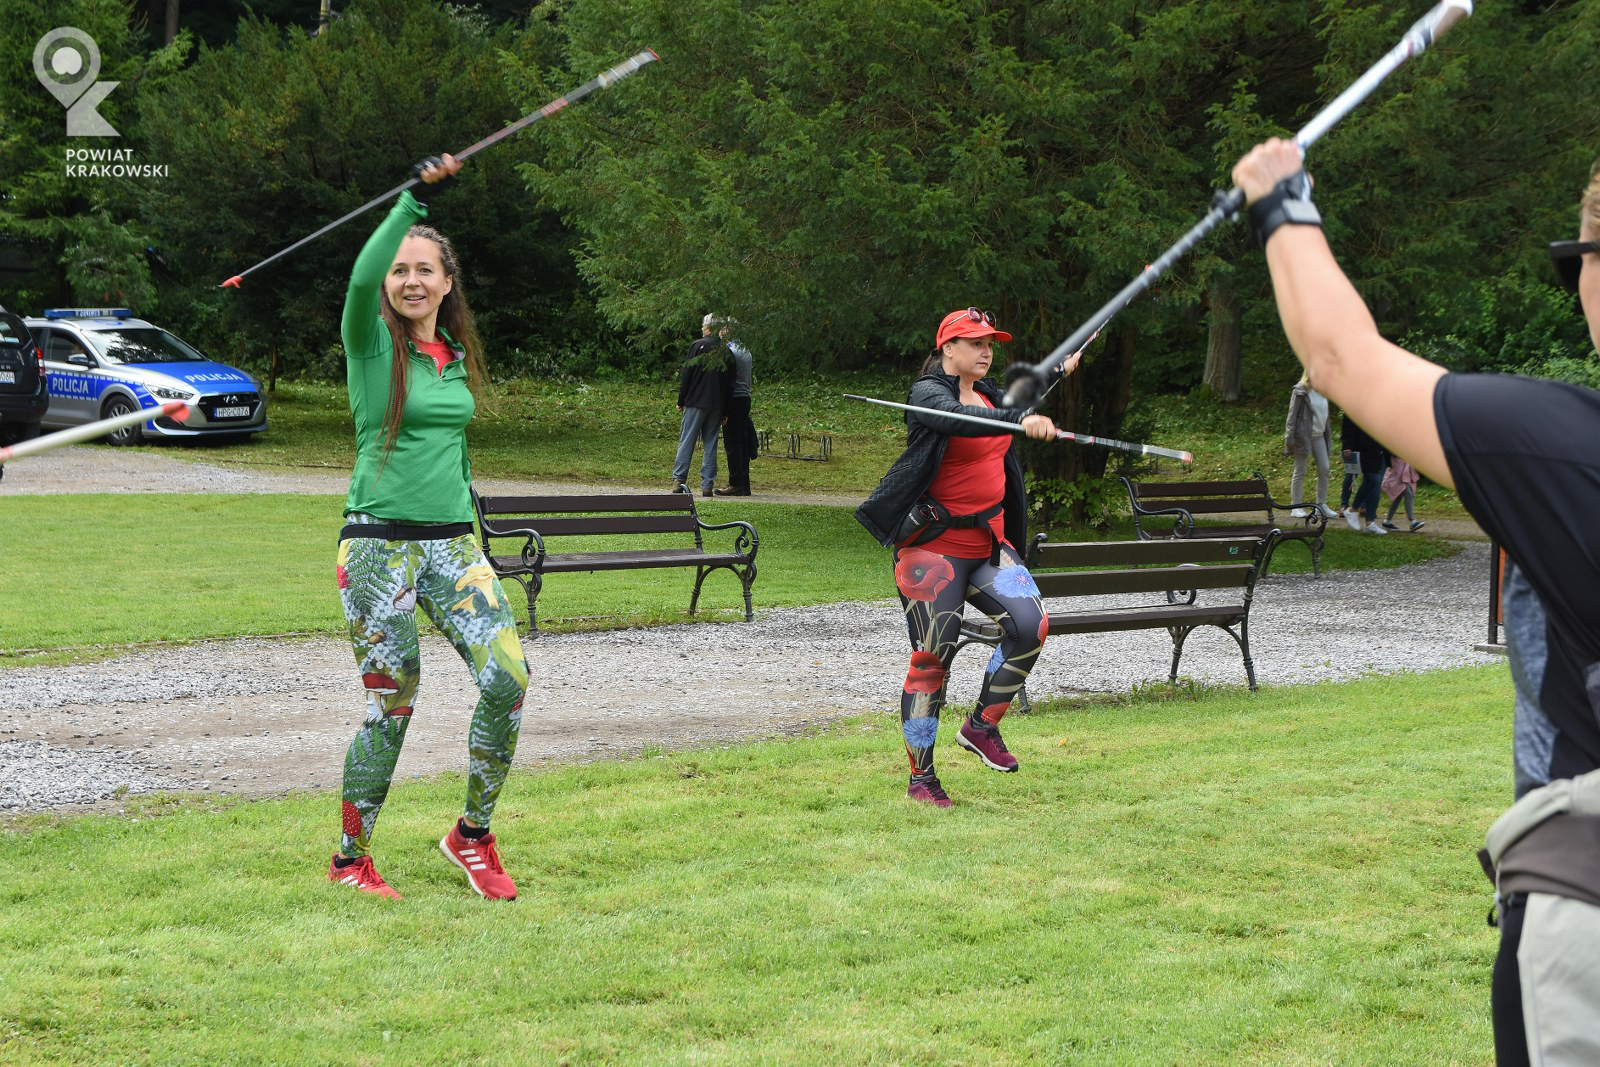 Grupa kobiet ćwiczy na łące z kijami do nordic walkingu